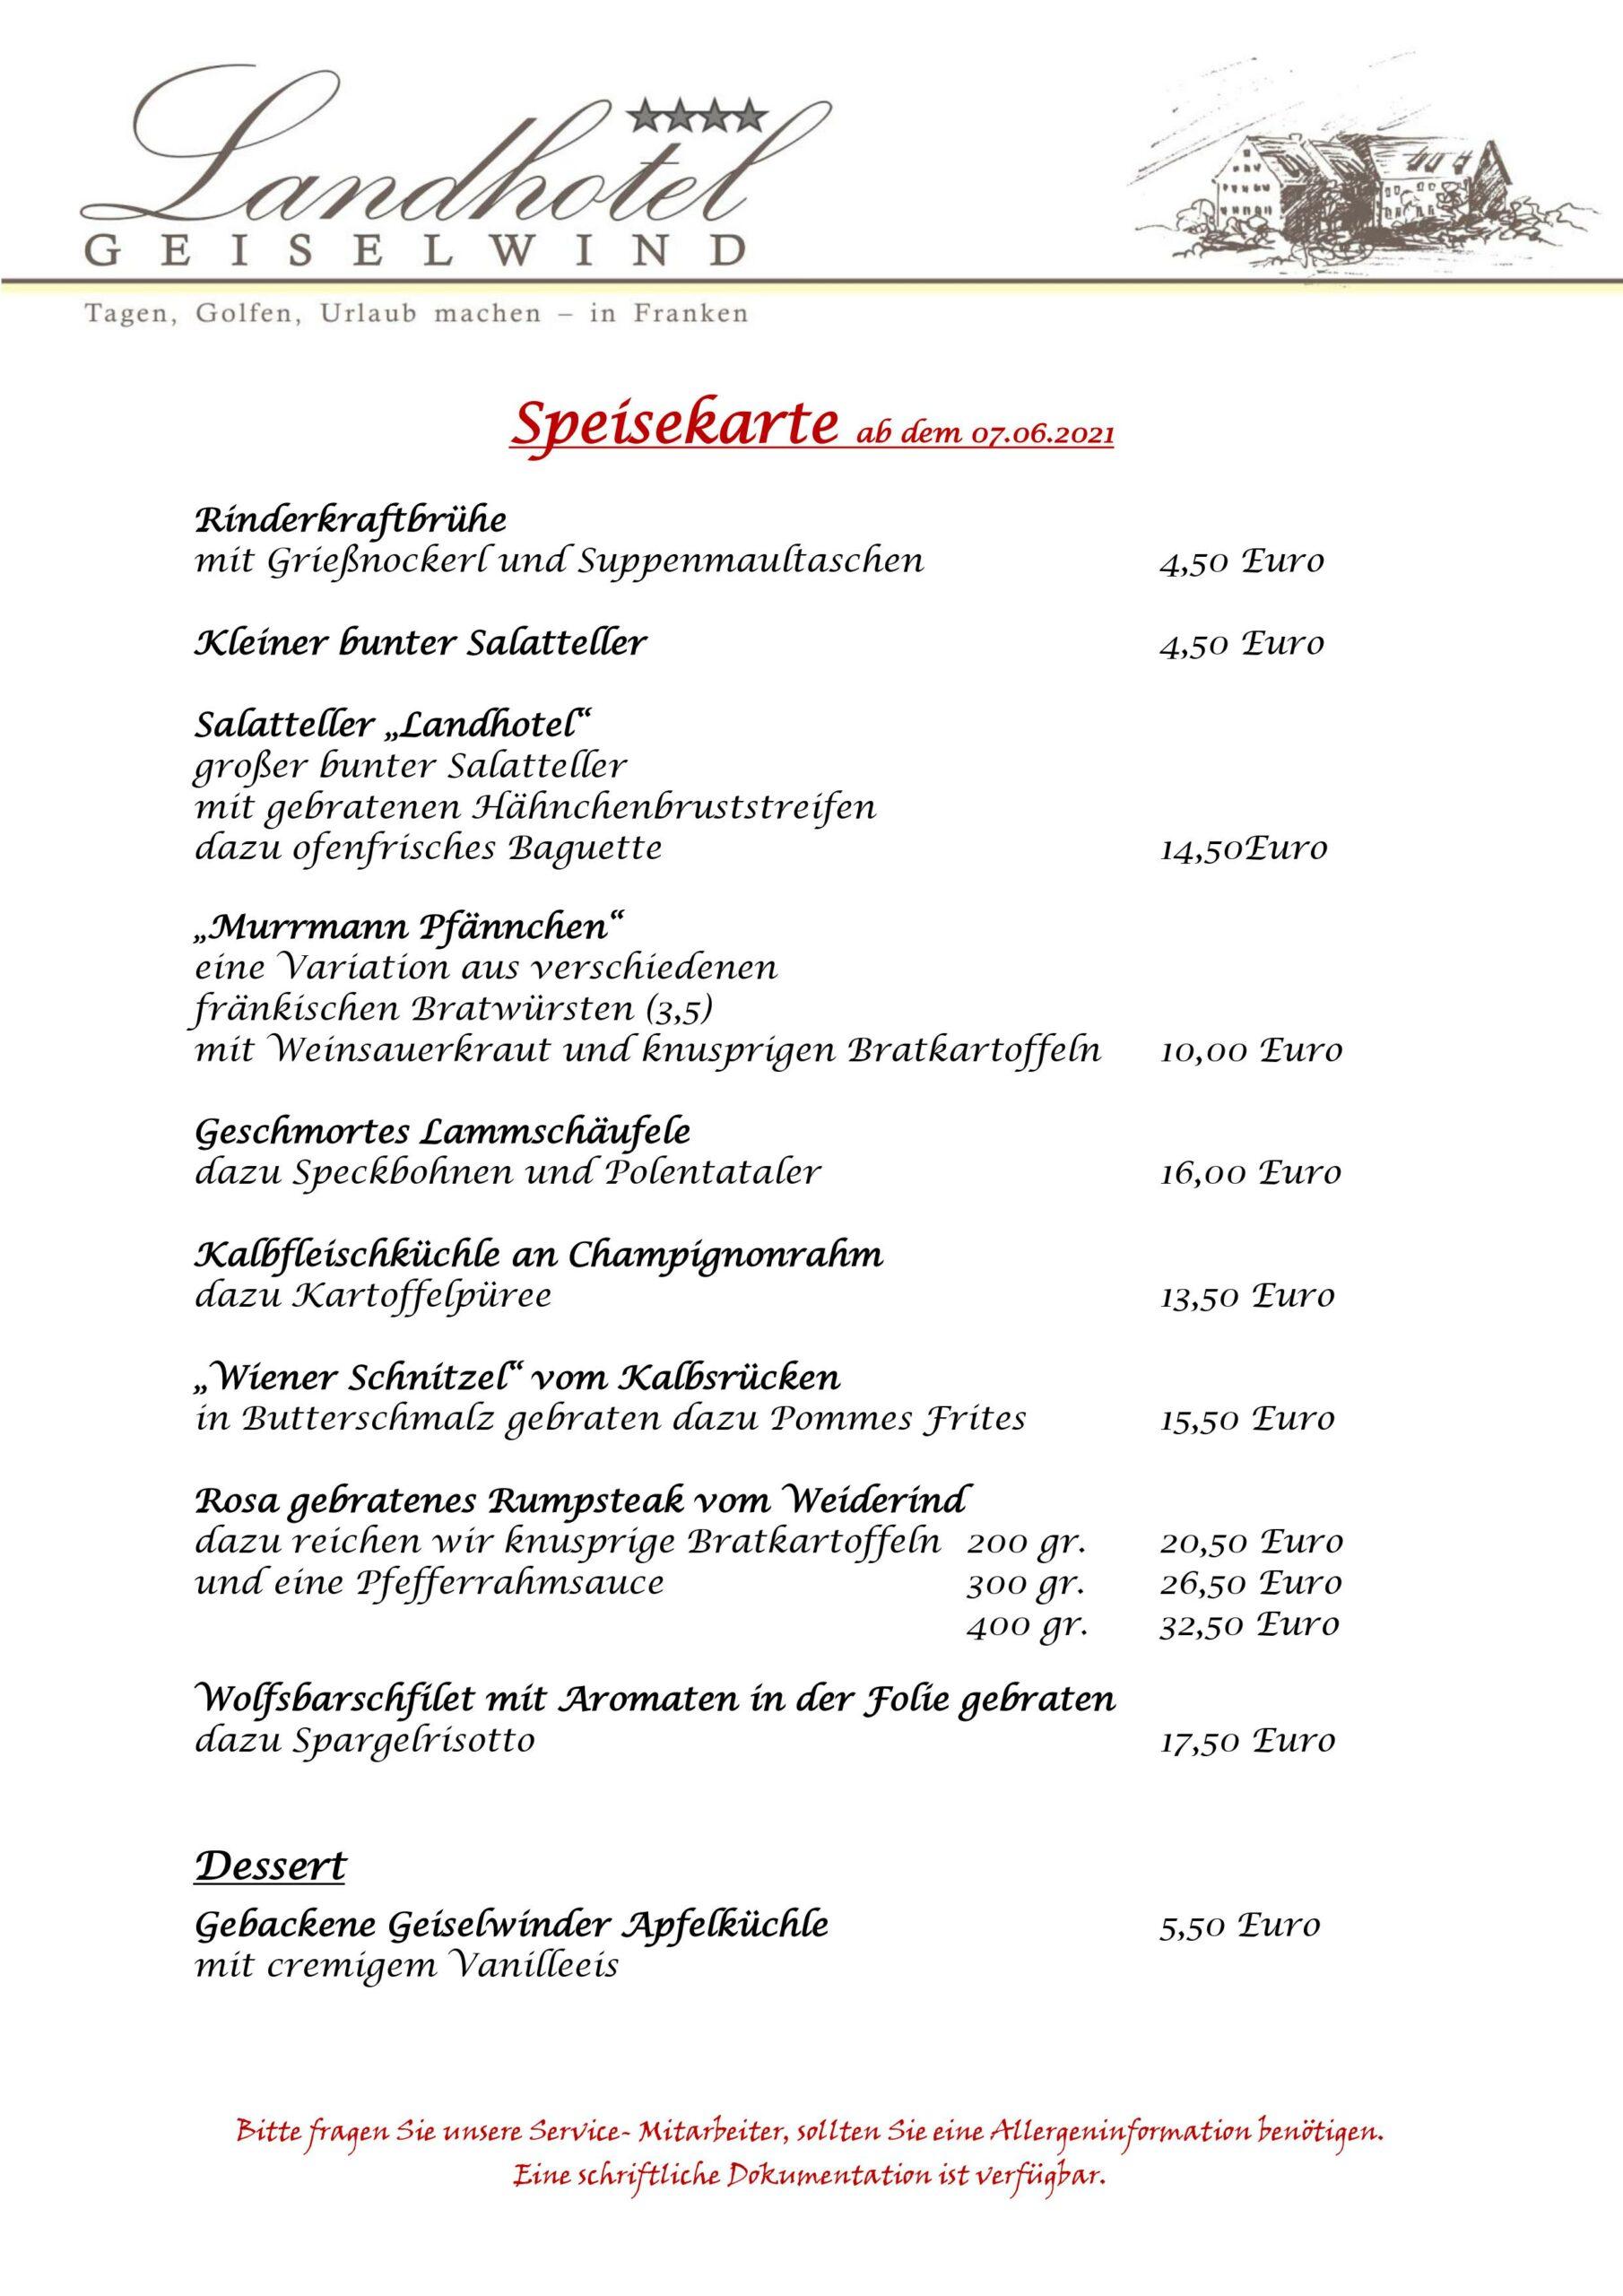 Speisekarte Landhotel Geiselwind